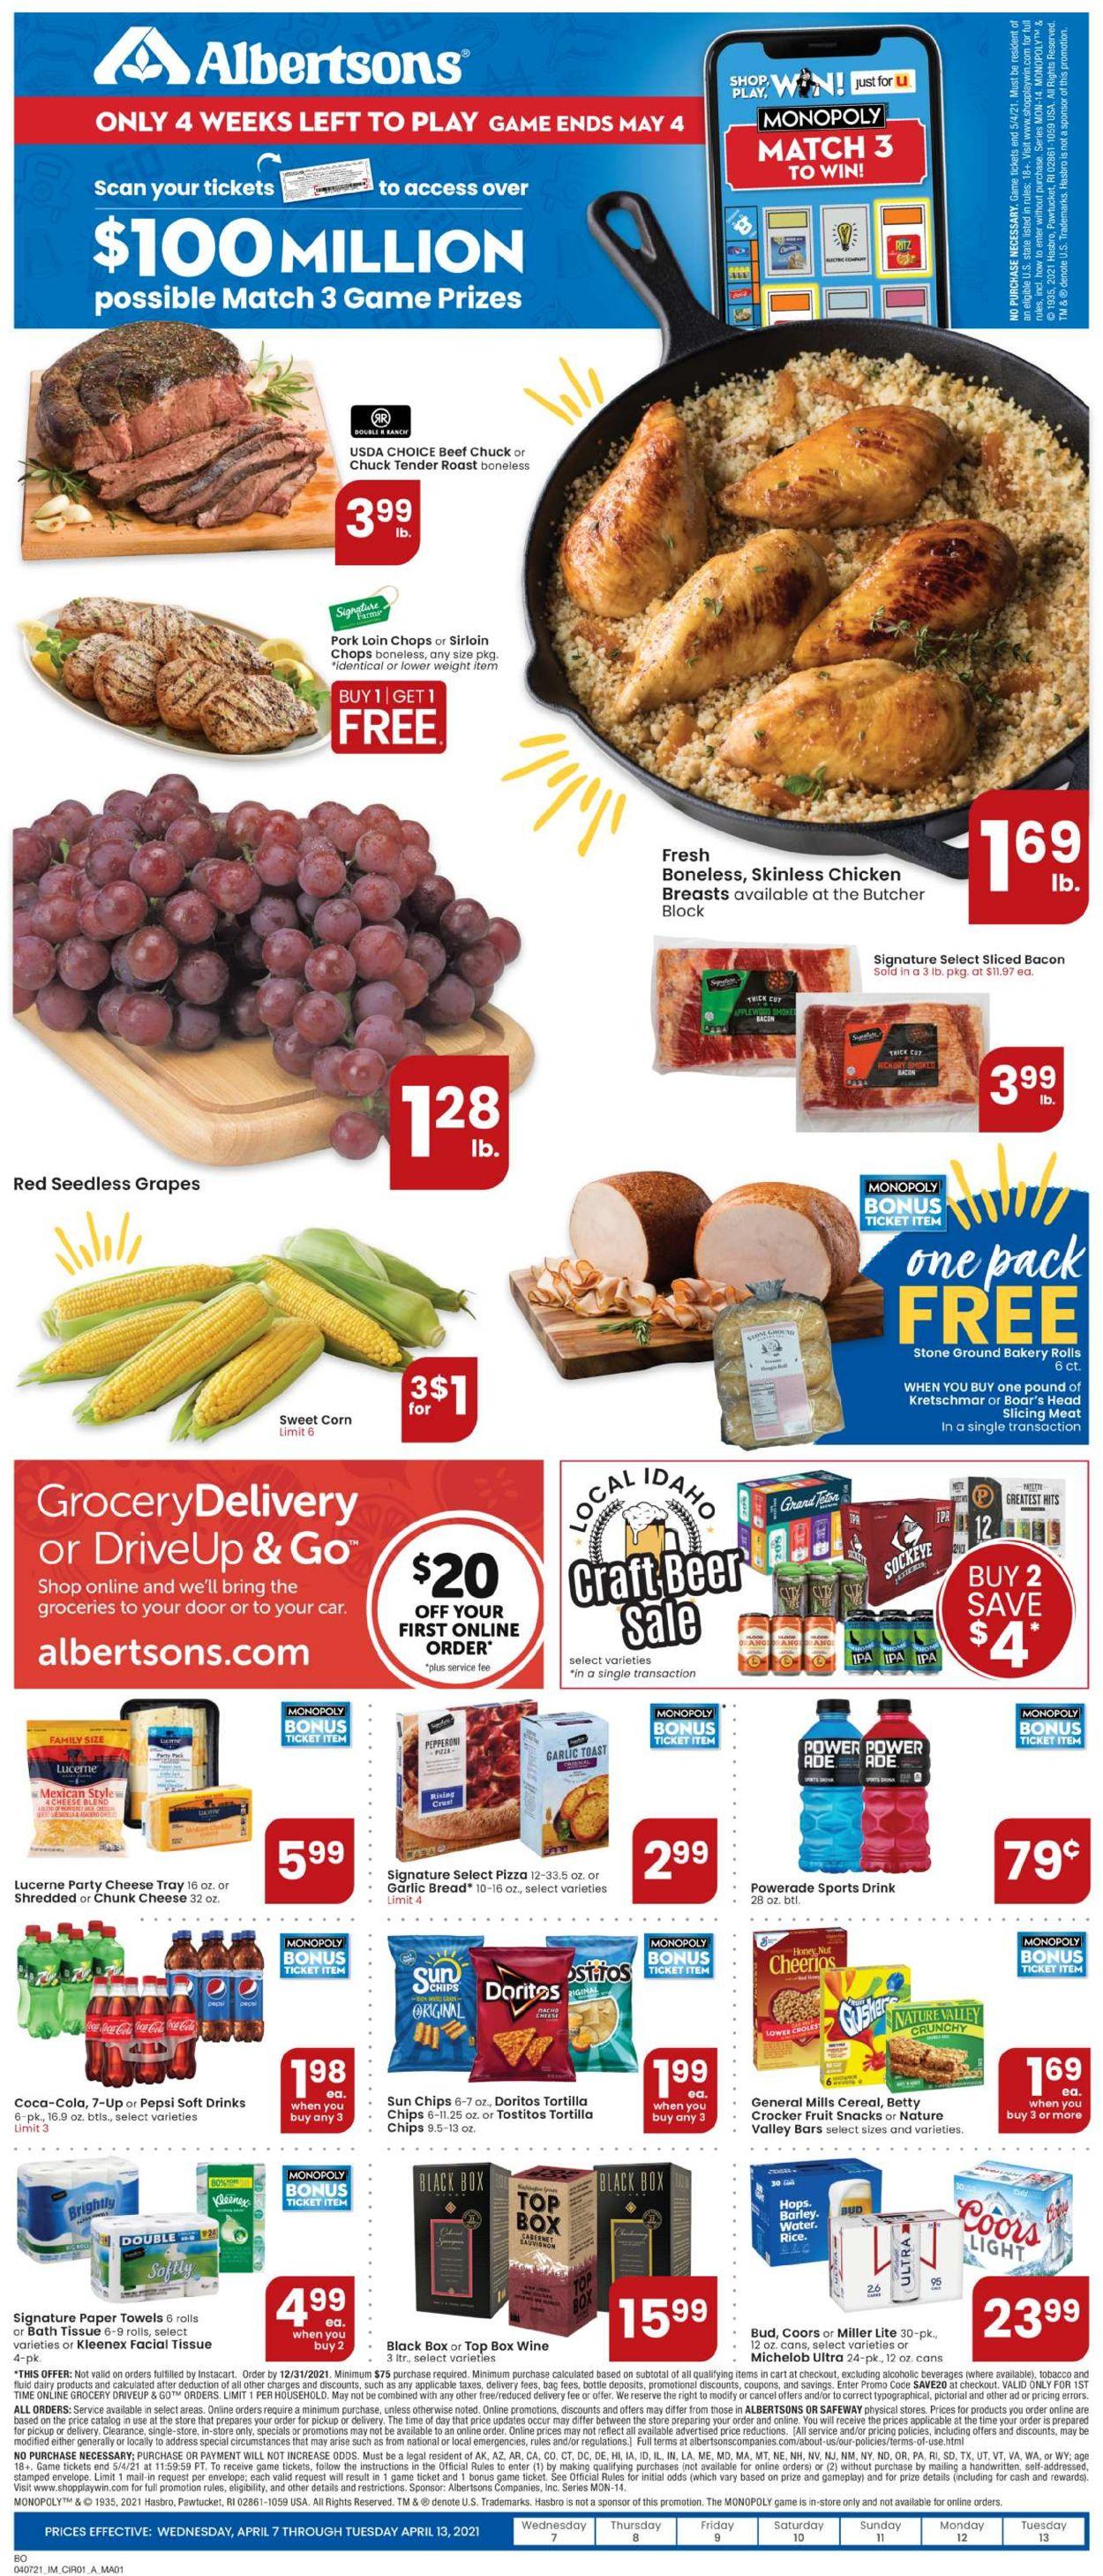 Albertsons Weekly Ad Circular - valid 04/07-04/13/2021